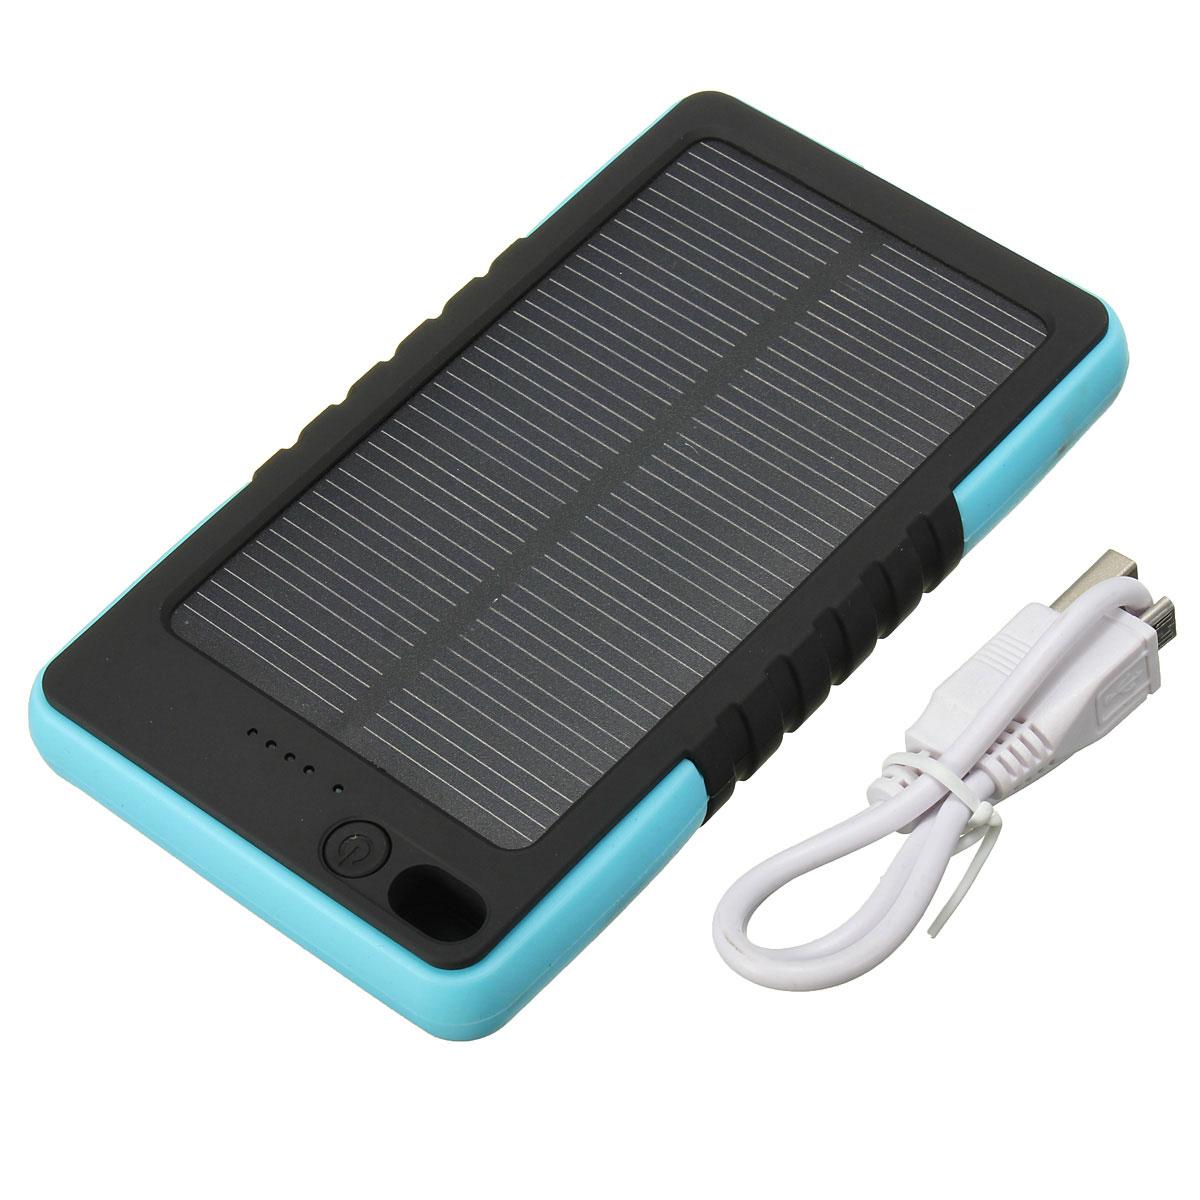 Pannello Solare Per Ricarica Batteria Barca : Ma cellulare pannello solare ricarica batteria dual